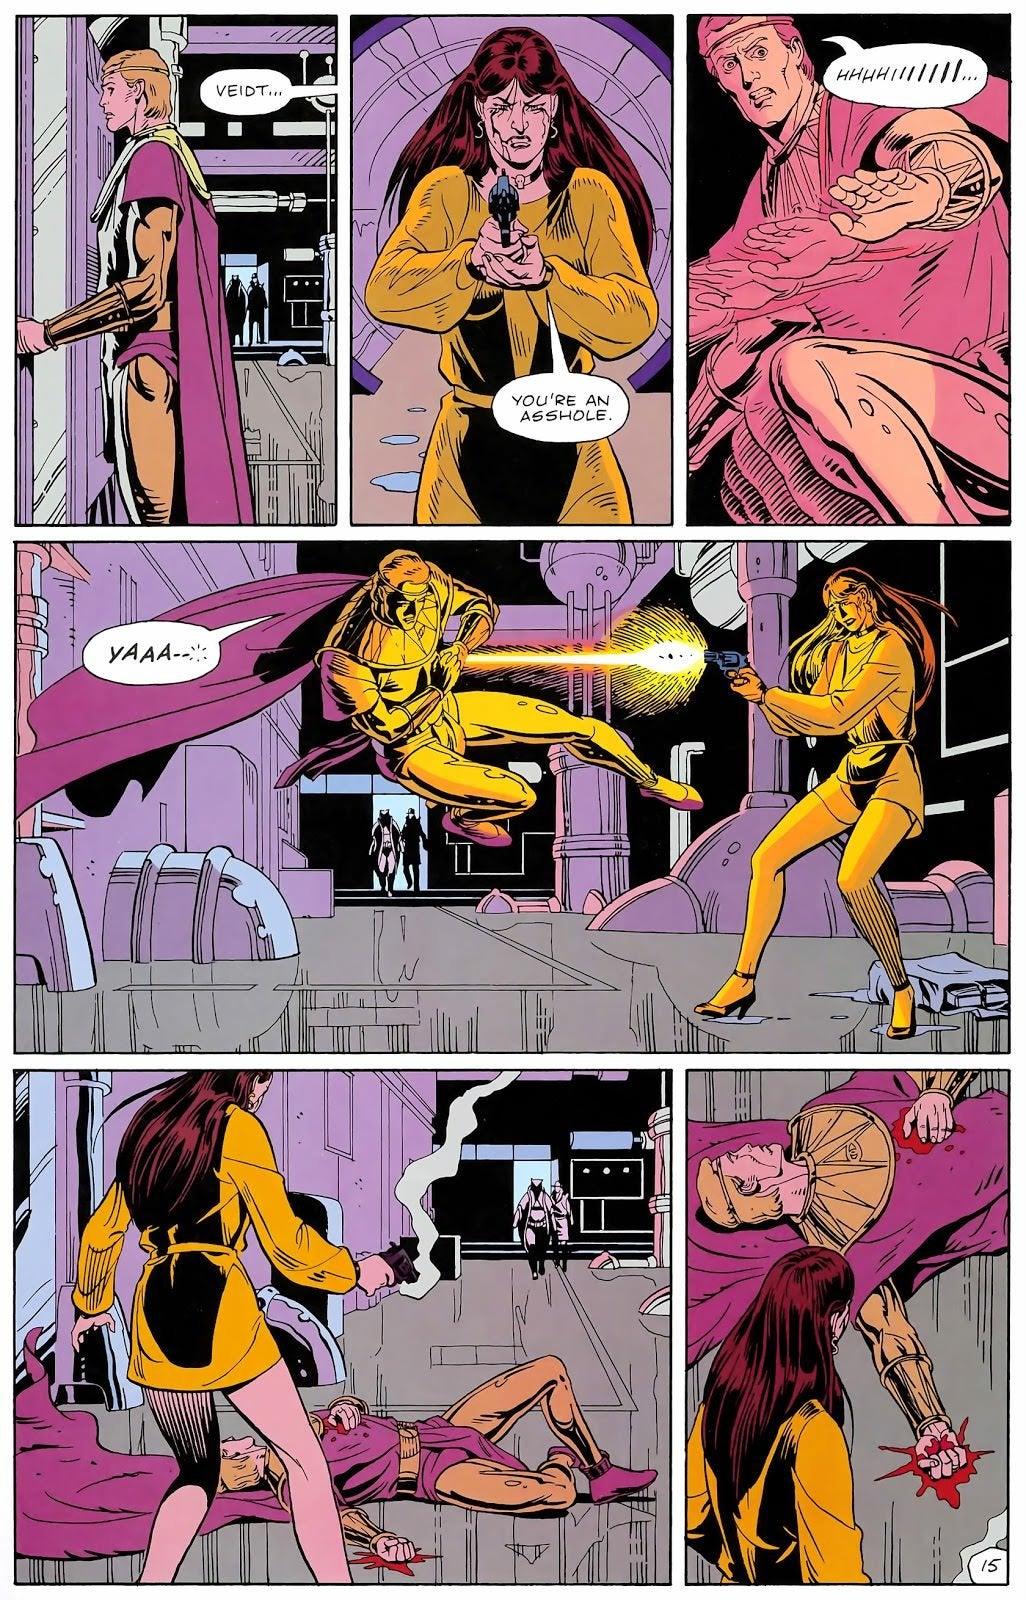 Ozymandias catches a bullet in the original Watchmen comic